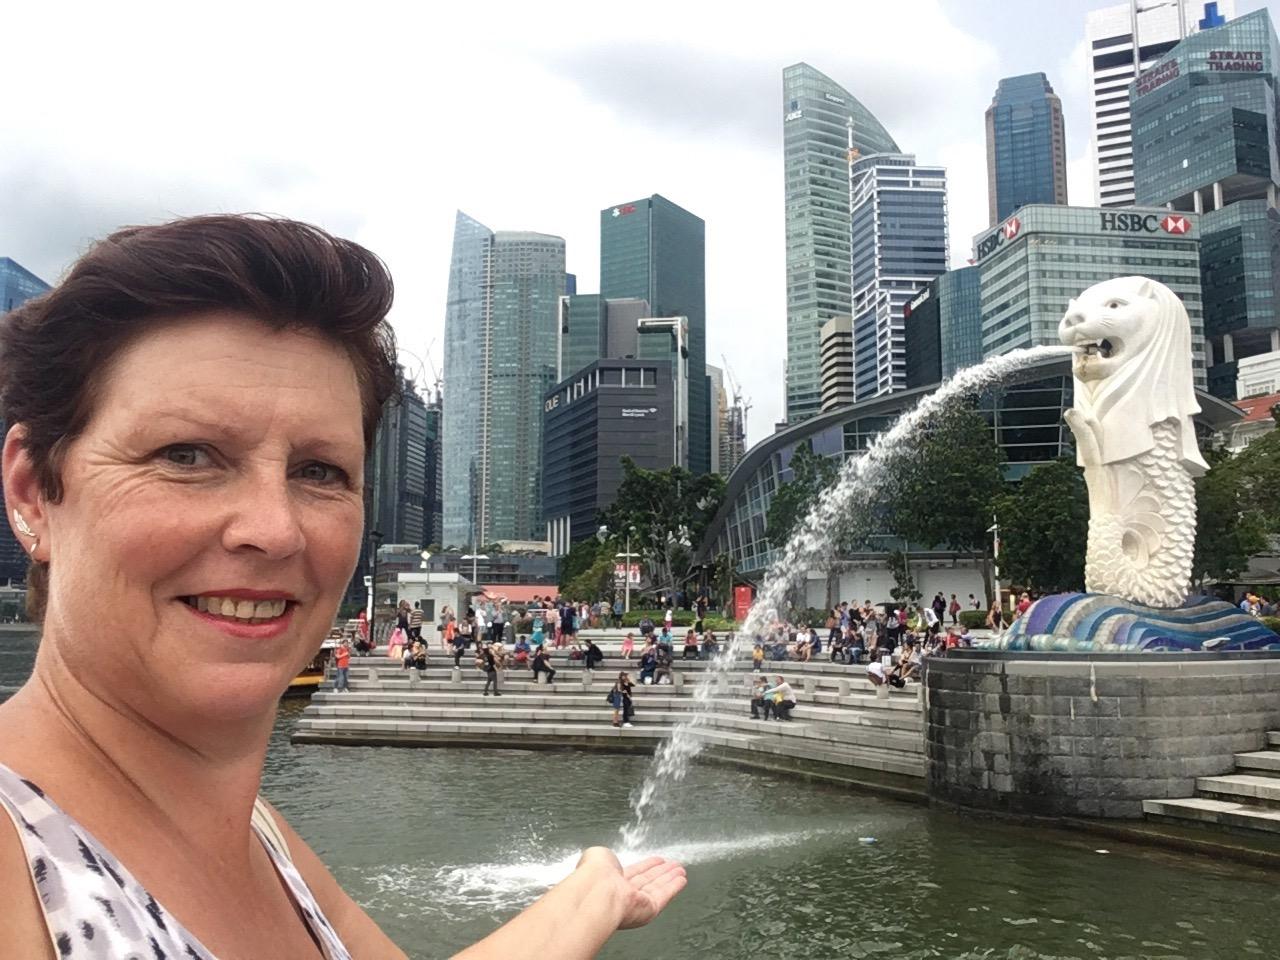 wat te doen in singapore